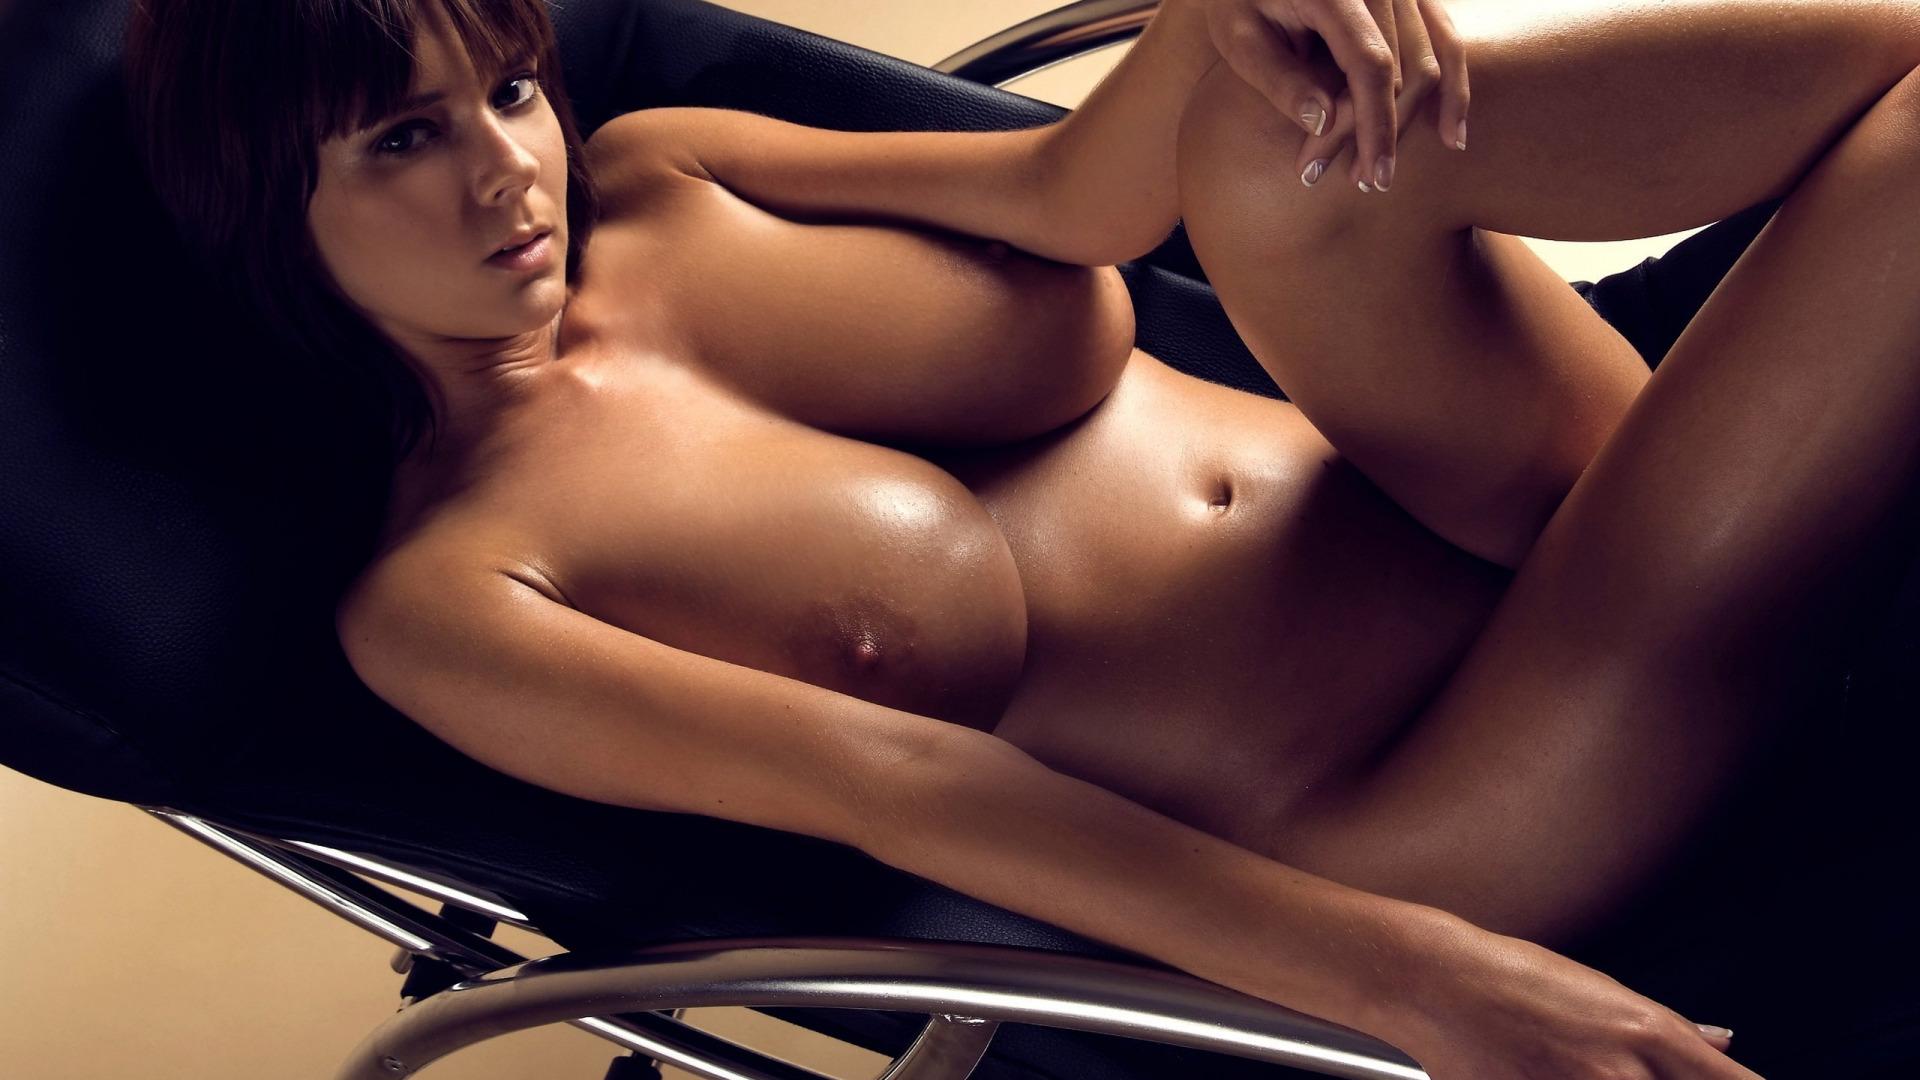 Скачать грудь, сиськи, соски, ню, фото, обои, картинка #1296835.